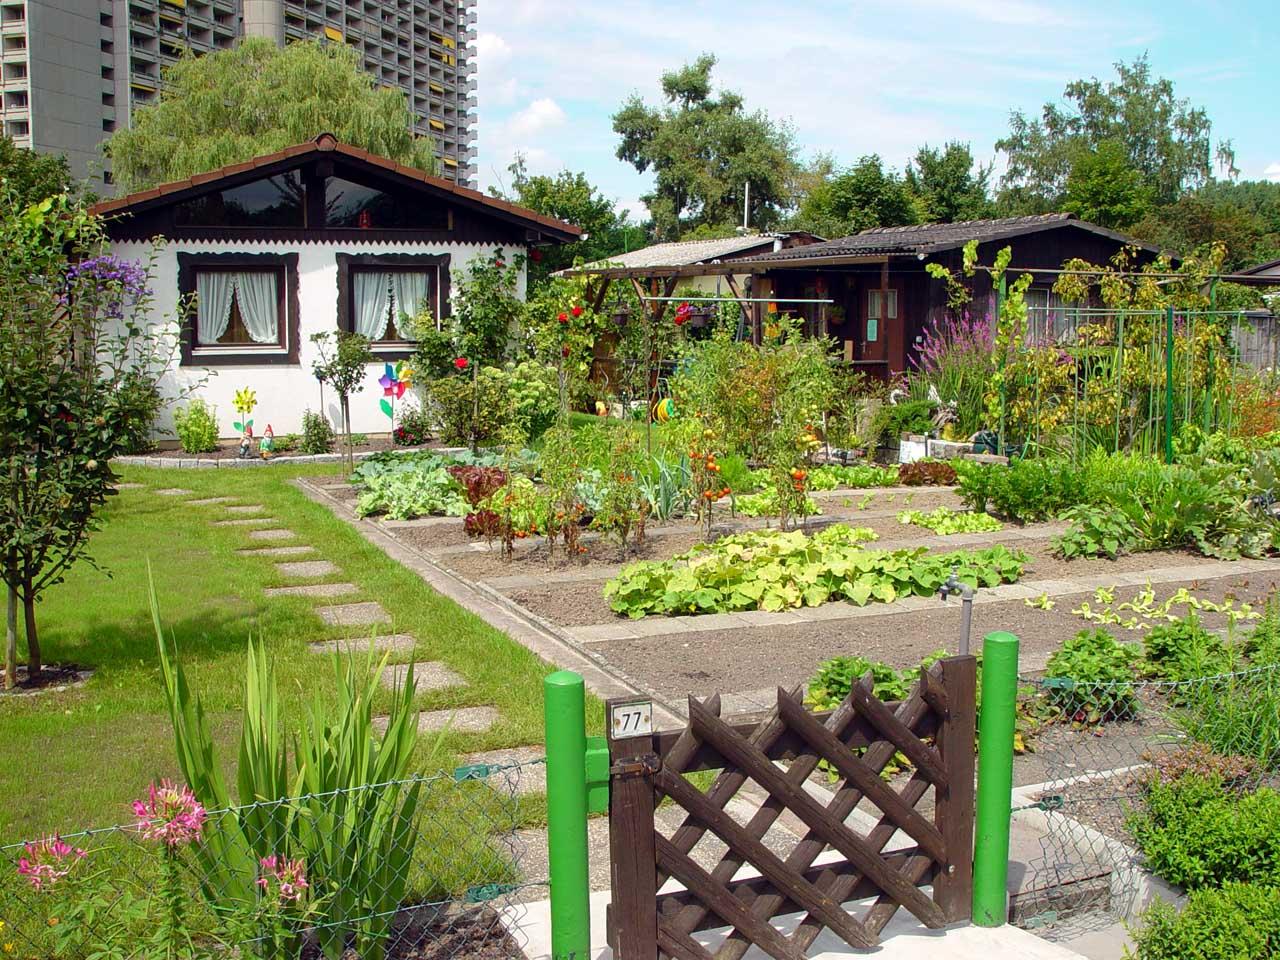 クラインガルテン協会「湖畔の草原」は2006年 度全国コンクールで金賞を受賞しました。コン クールでは見栄えや手入れ具合だけでなく、障 害者も自由に見学できるか、外国人も受け入れ ているかなど社会的側面も審査されます、カールスルーエ ©MATSUDA, Masahiro